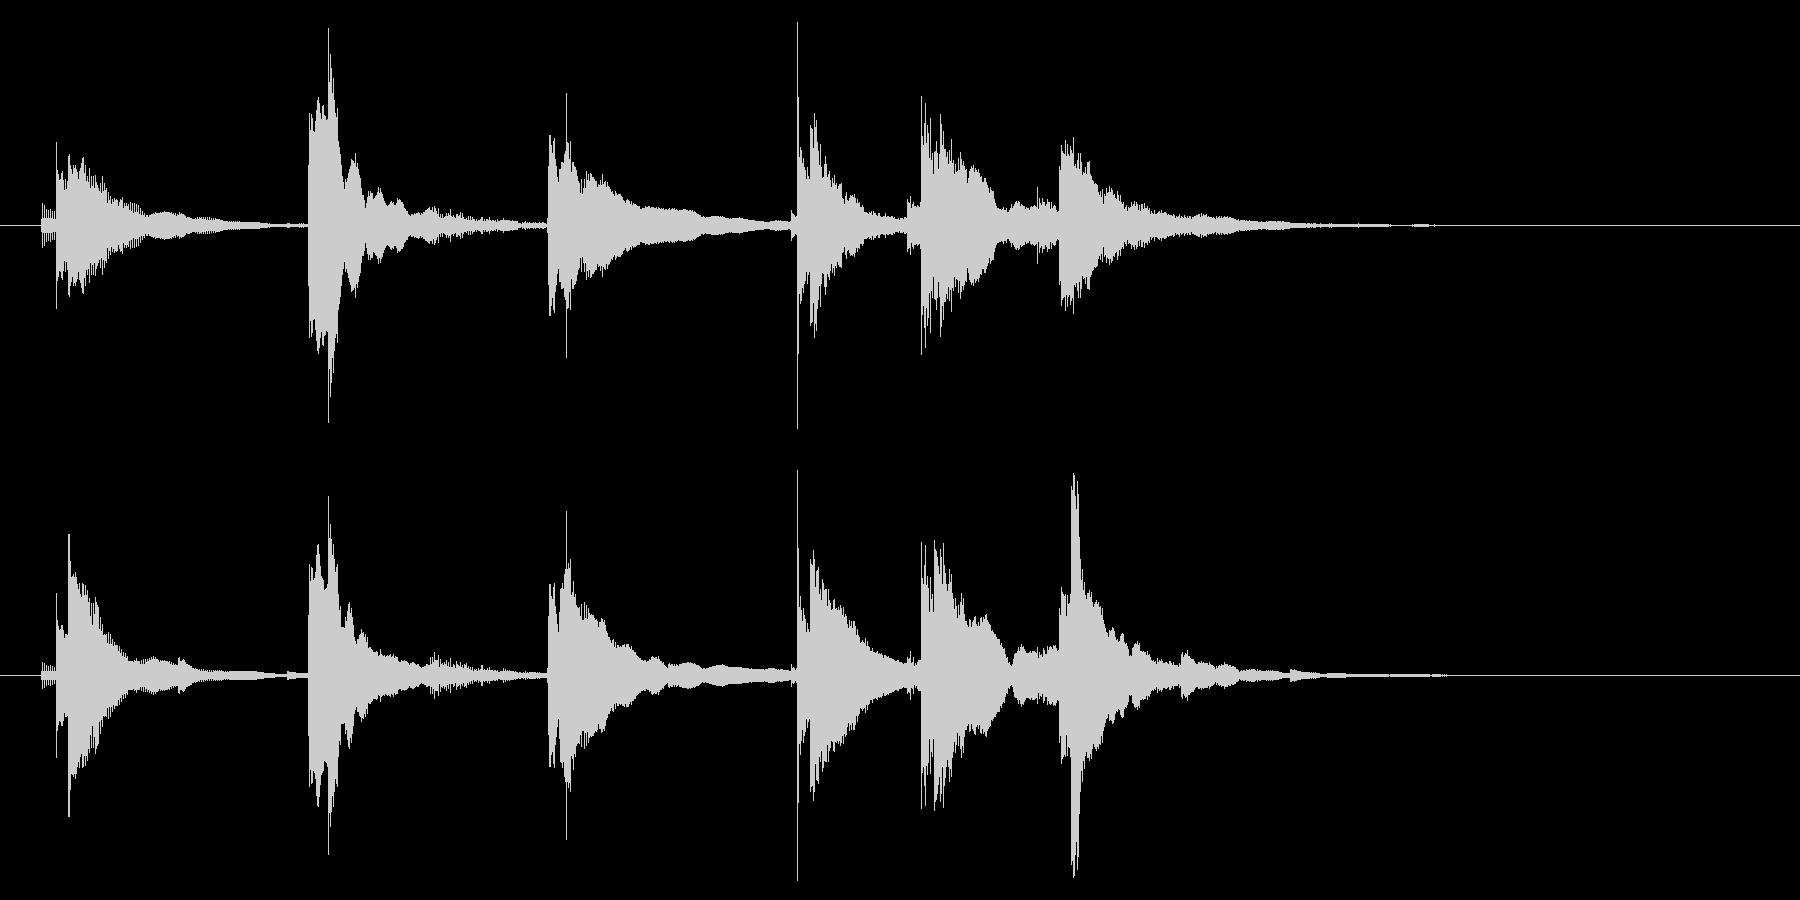 三味線でのエンディングの未再生の波形